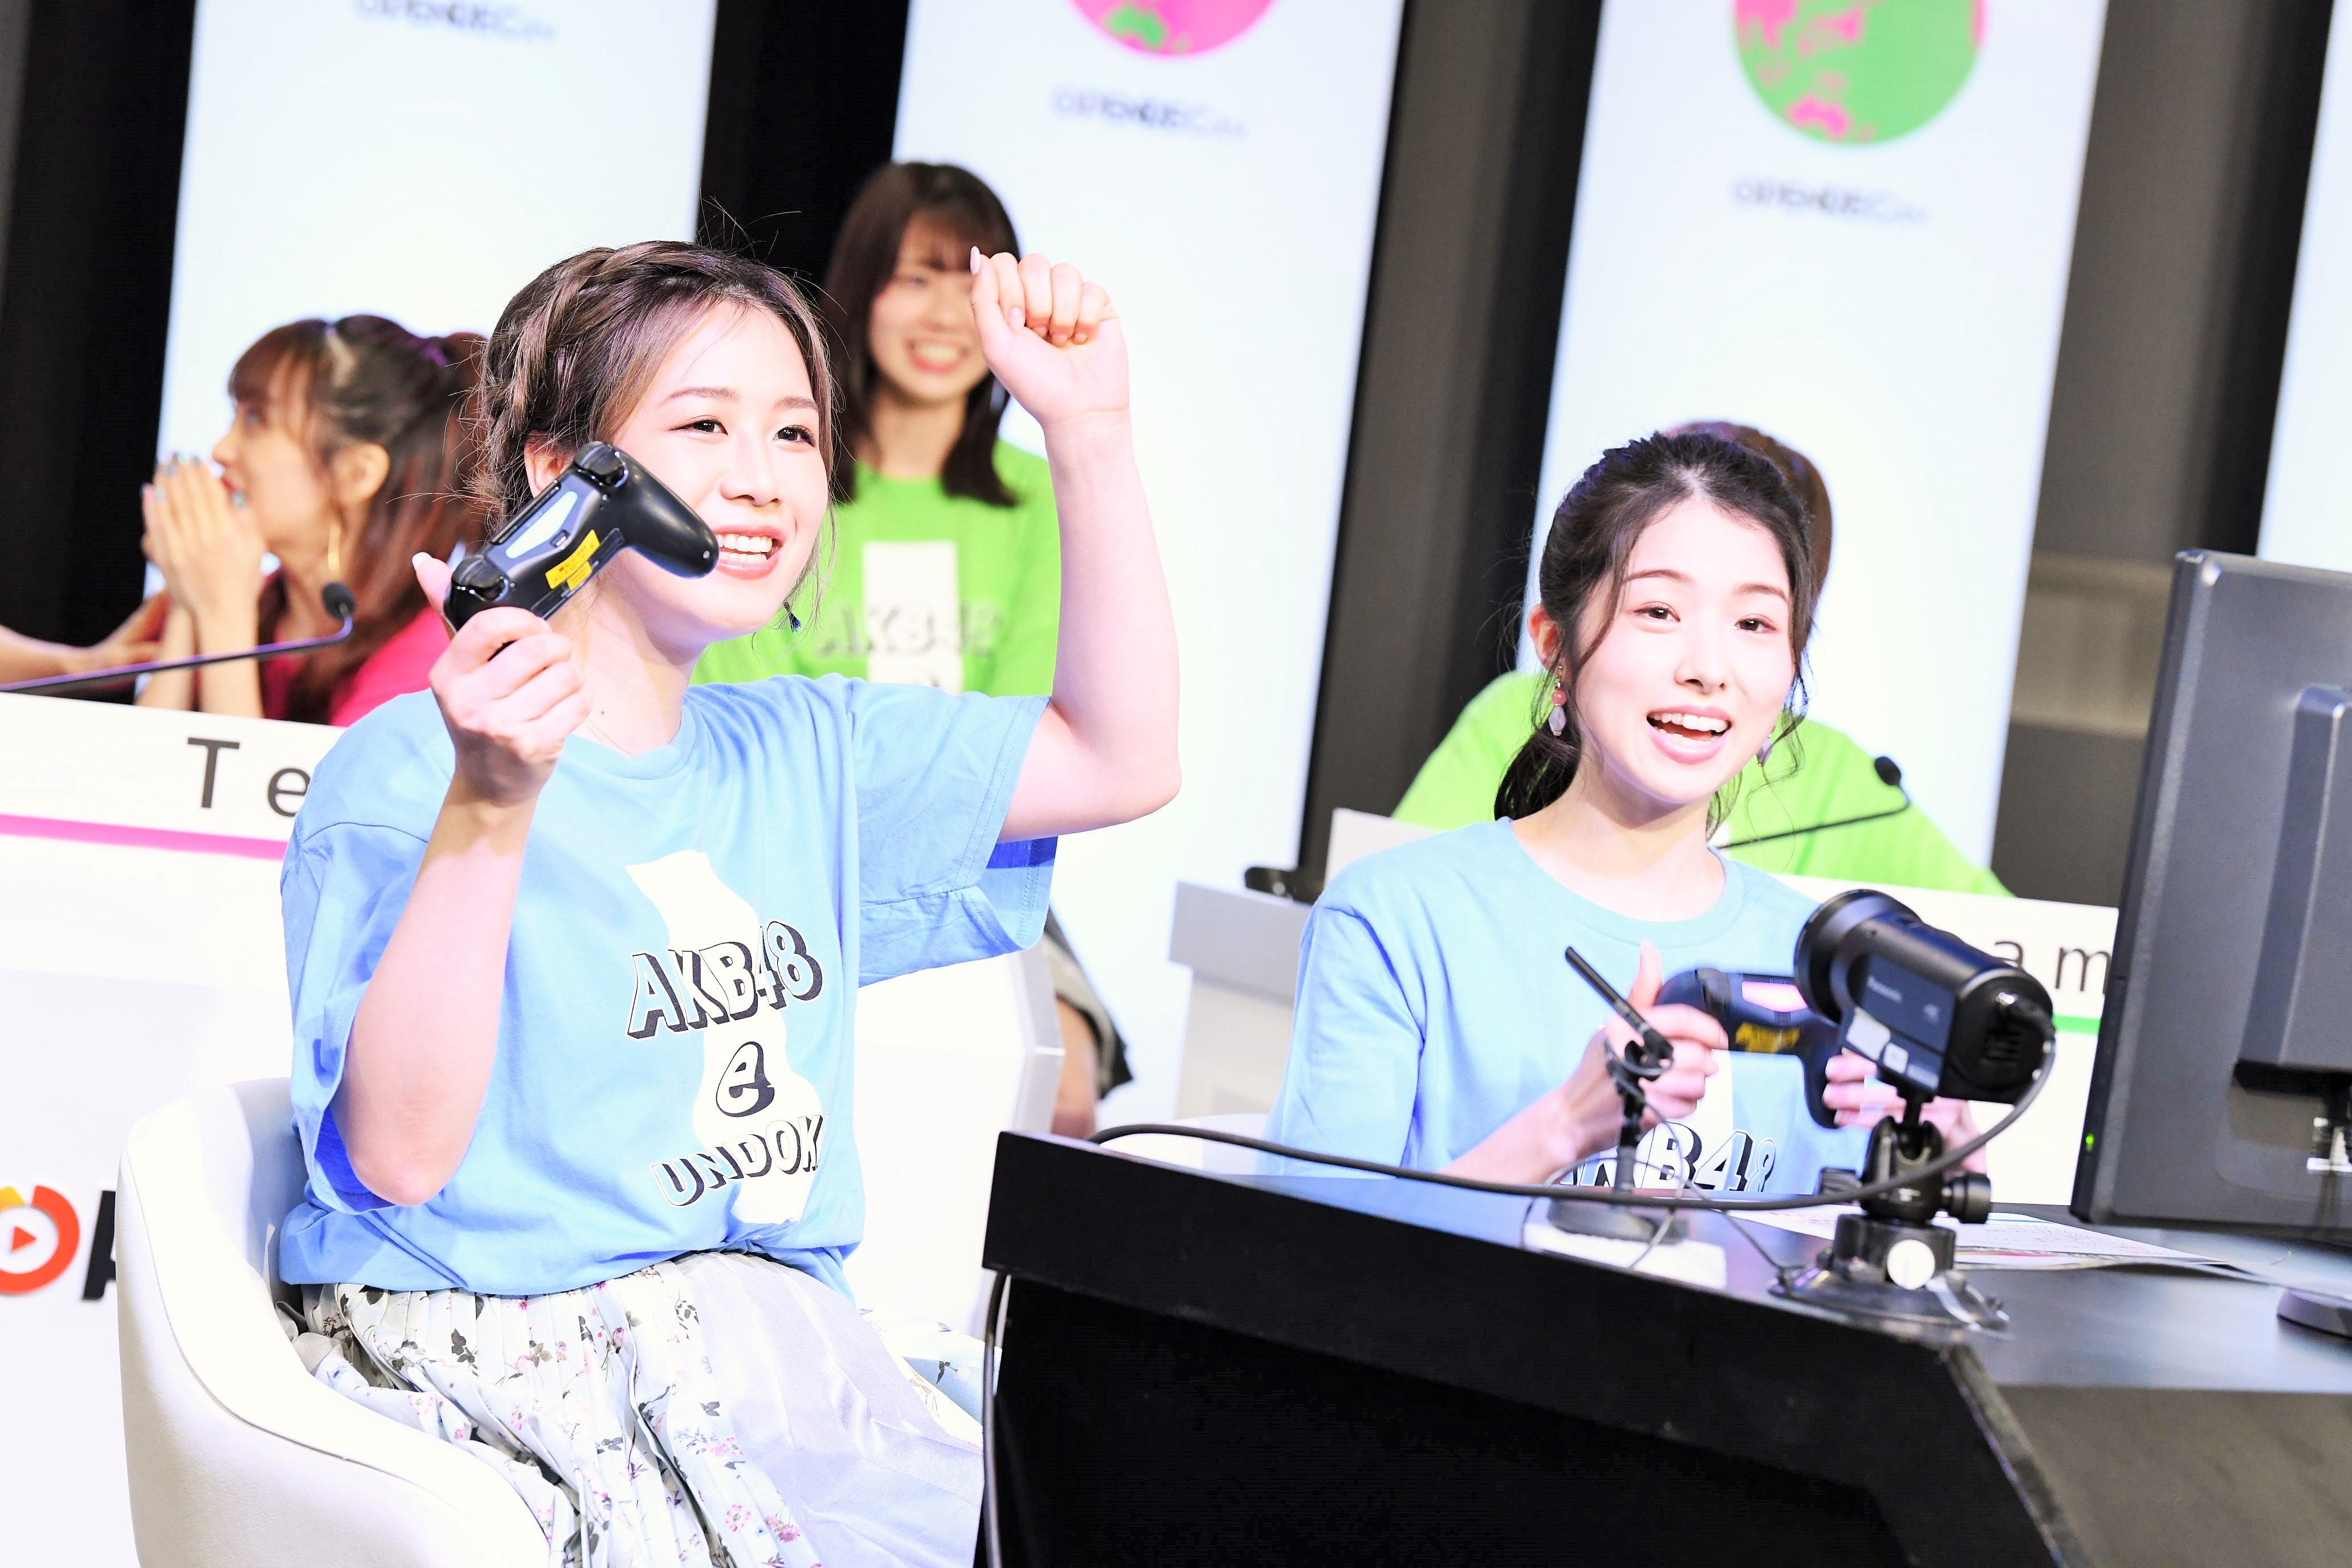 チームB⼤家志津⾹、岩⽴沙穂 (C) AKB48